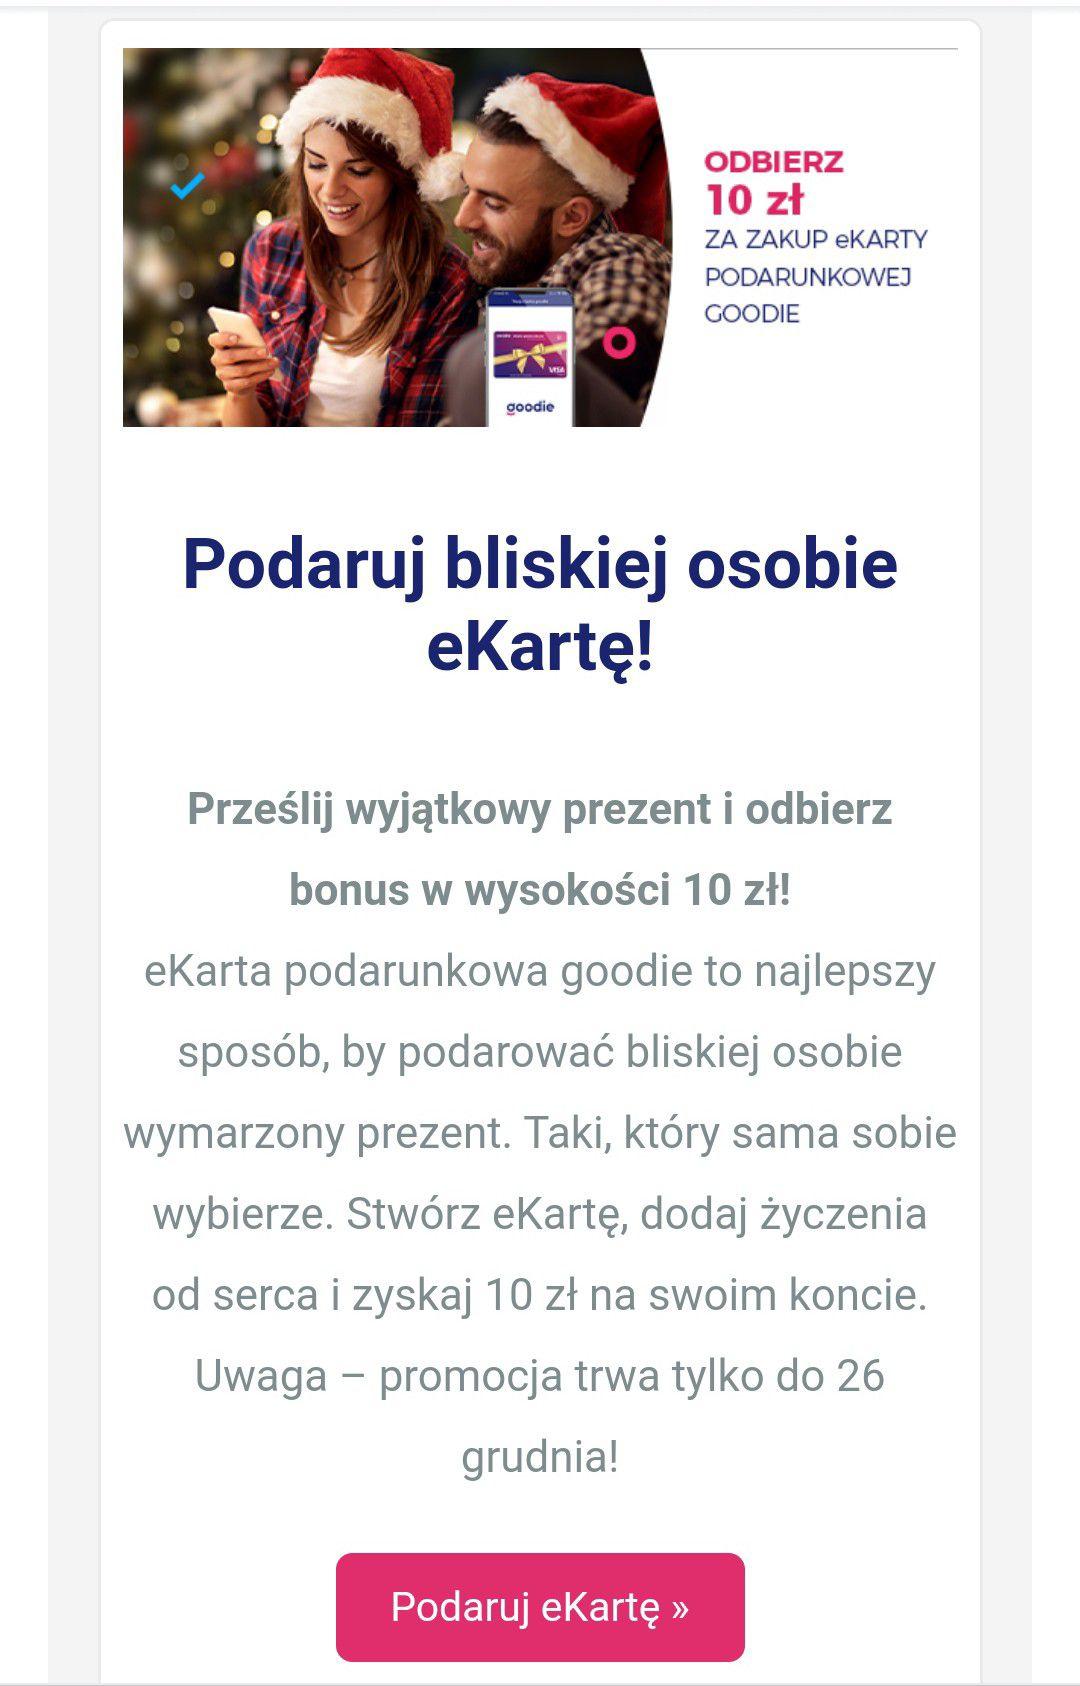 Goodie - cashback 10 zł za ekartę